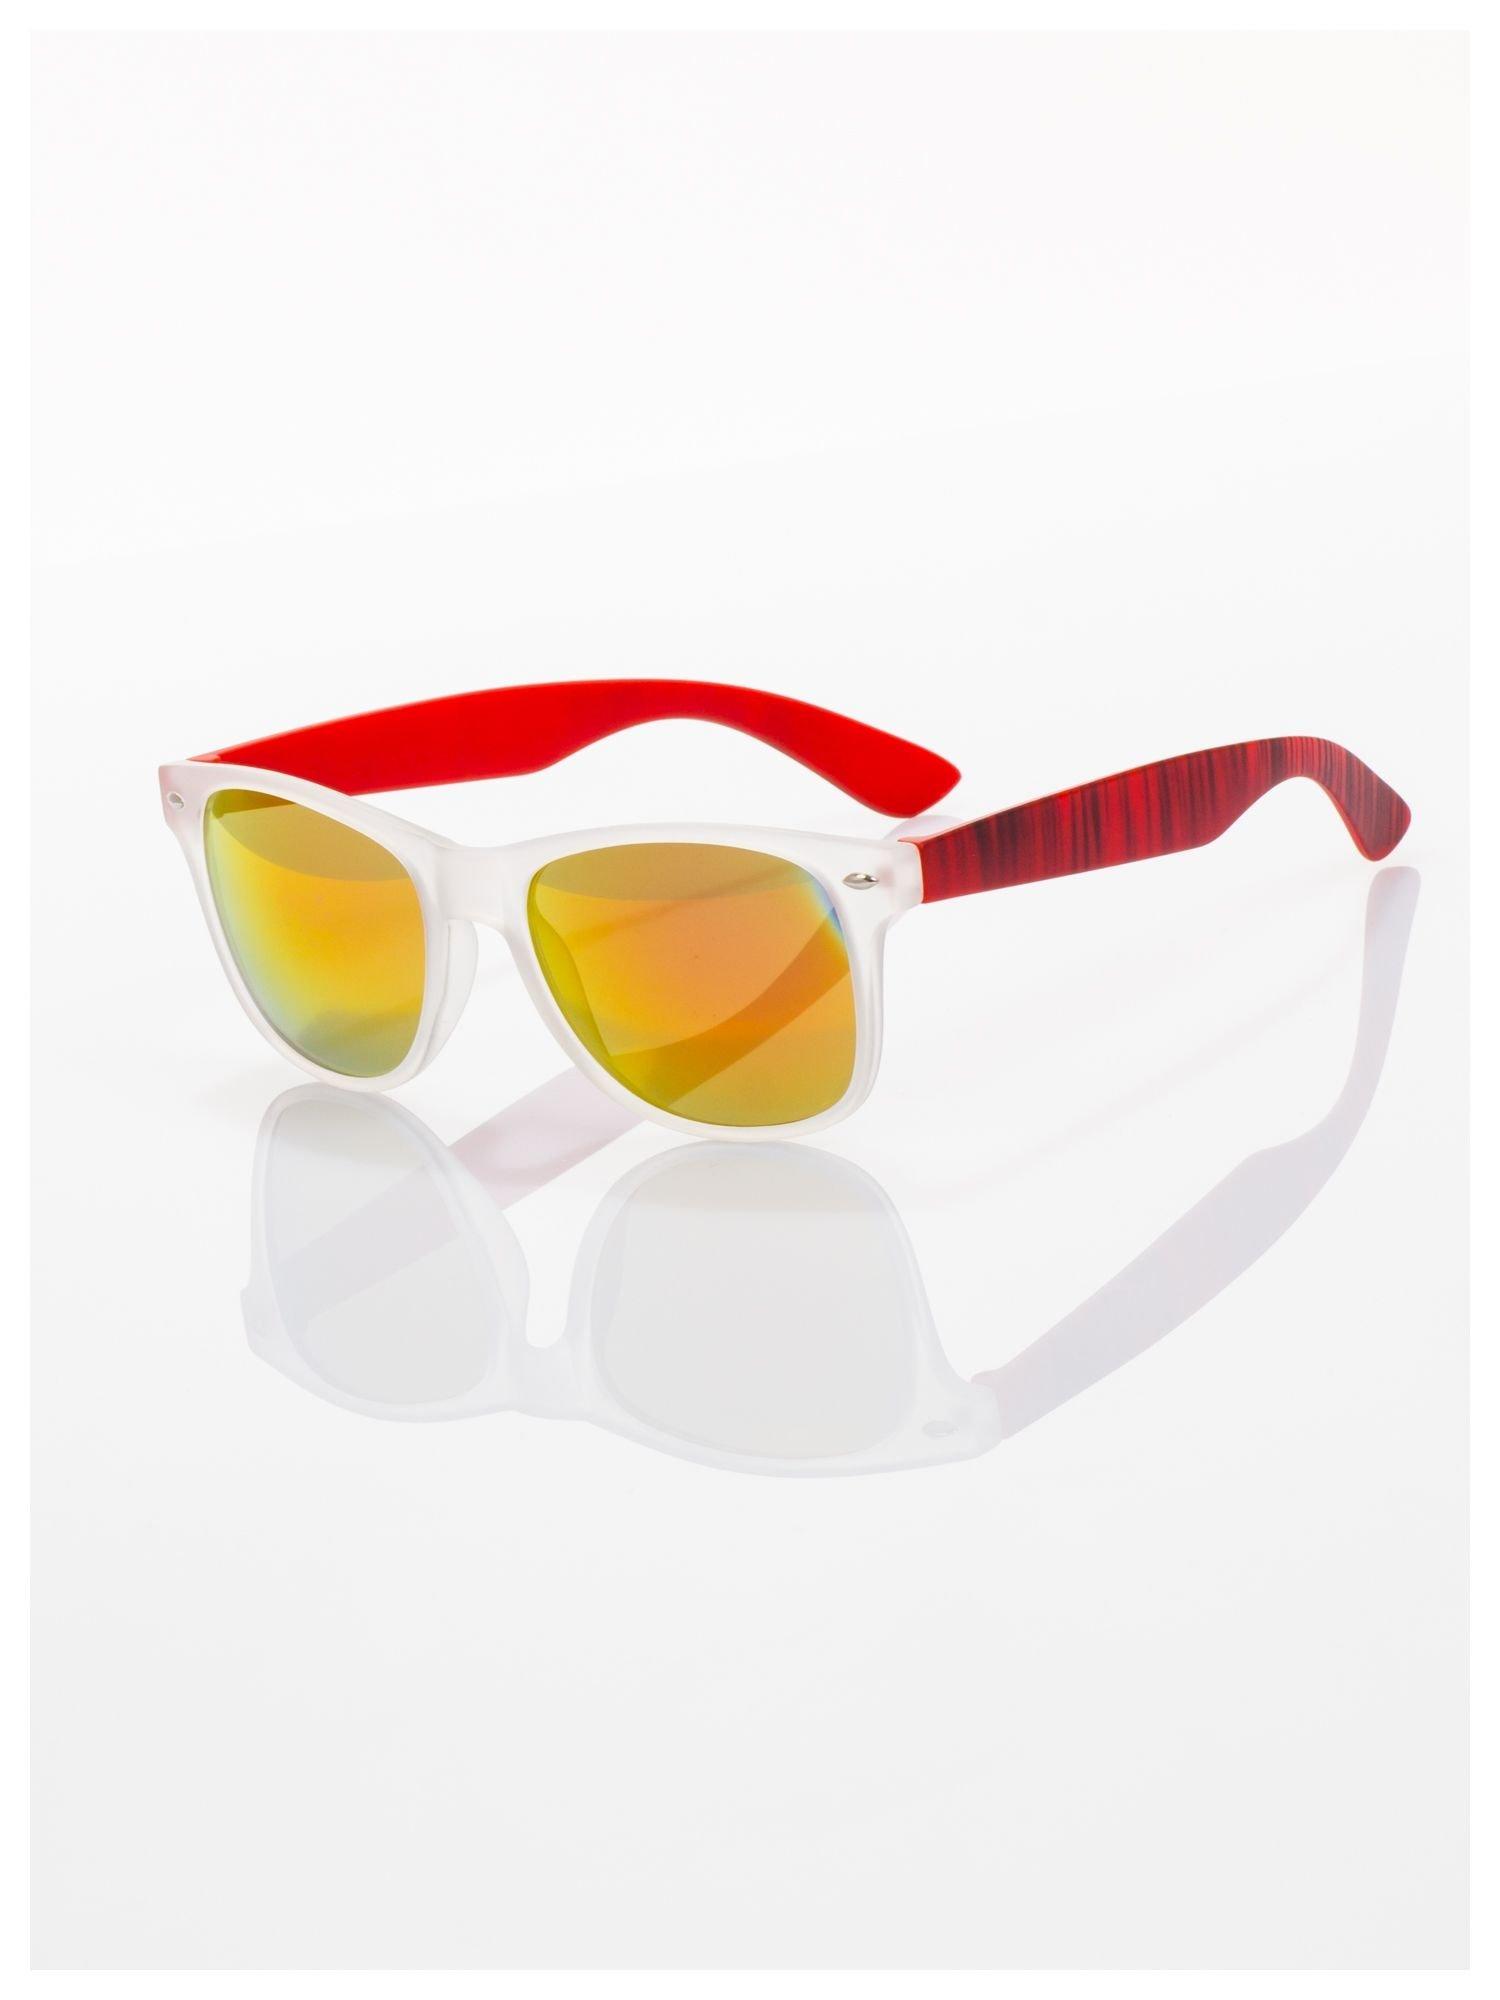 Czerwone  lustrzanki z filtrami UV okulary z klasyczną oprawką WAYFARER NERD z efektem mlecznej szyby -odporne na wyginania                                  zdj.                                  1